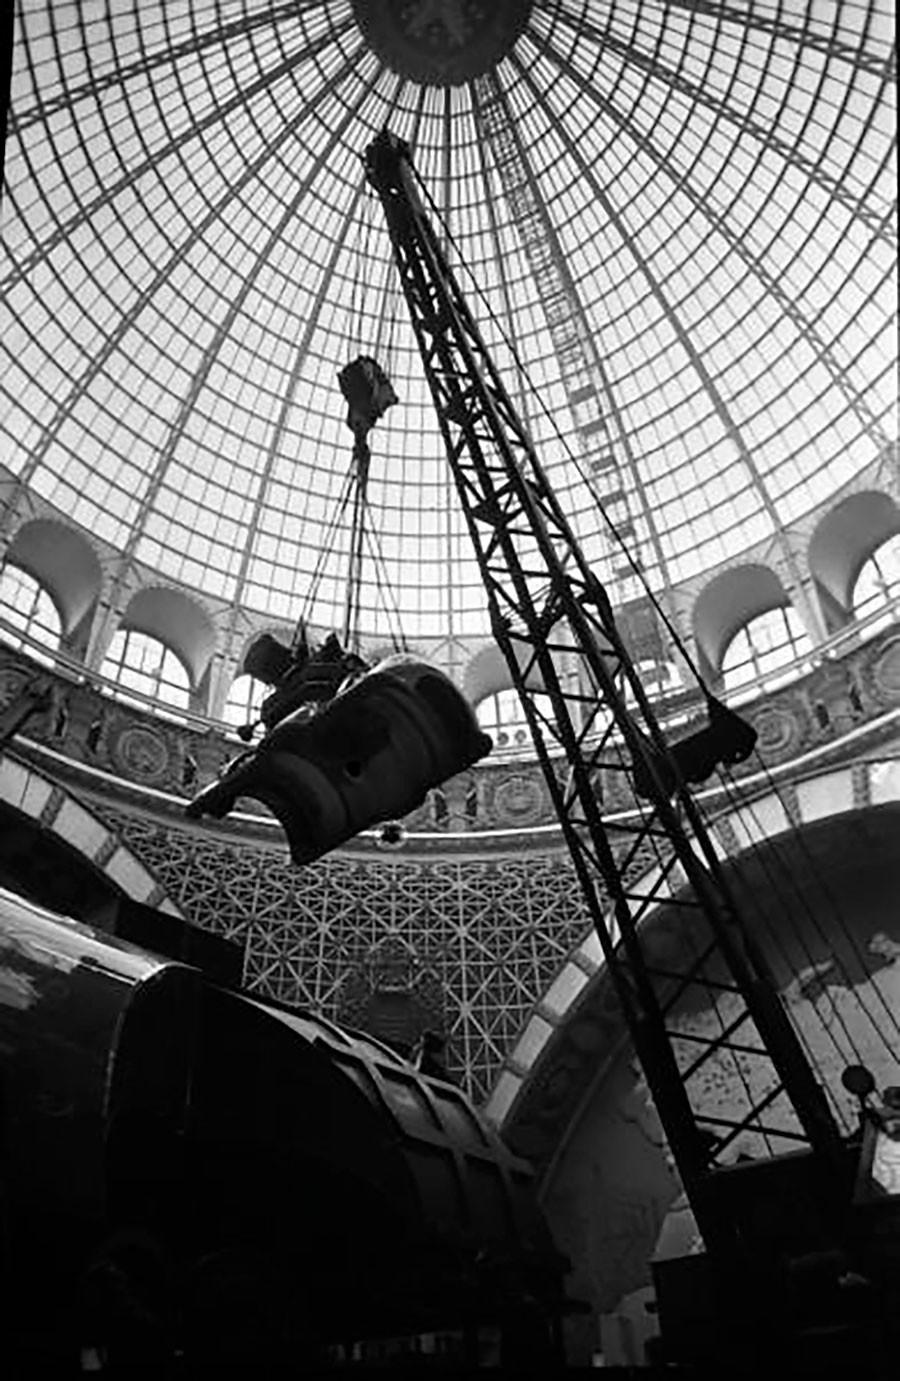 Montaje de la Exposición Industrial de la Unión en Moscú, 1950